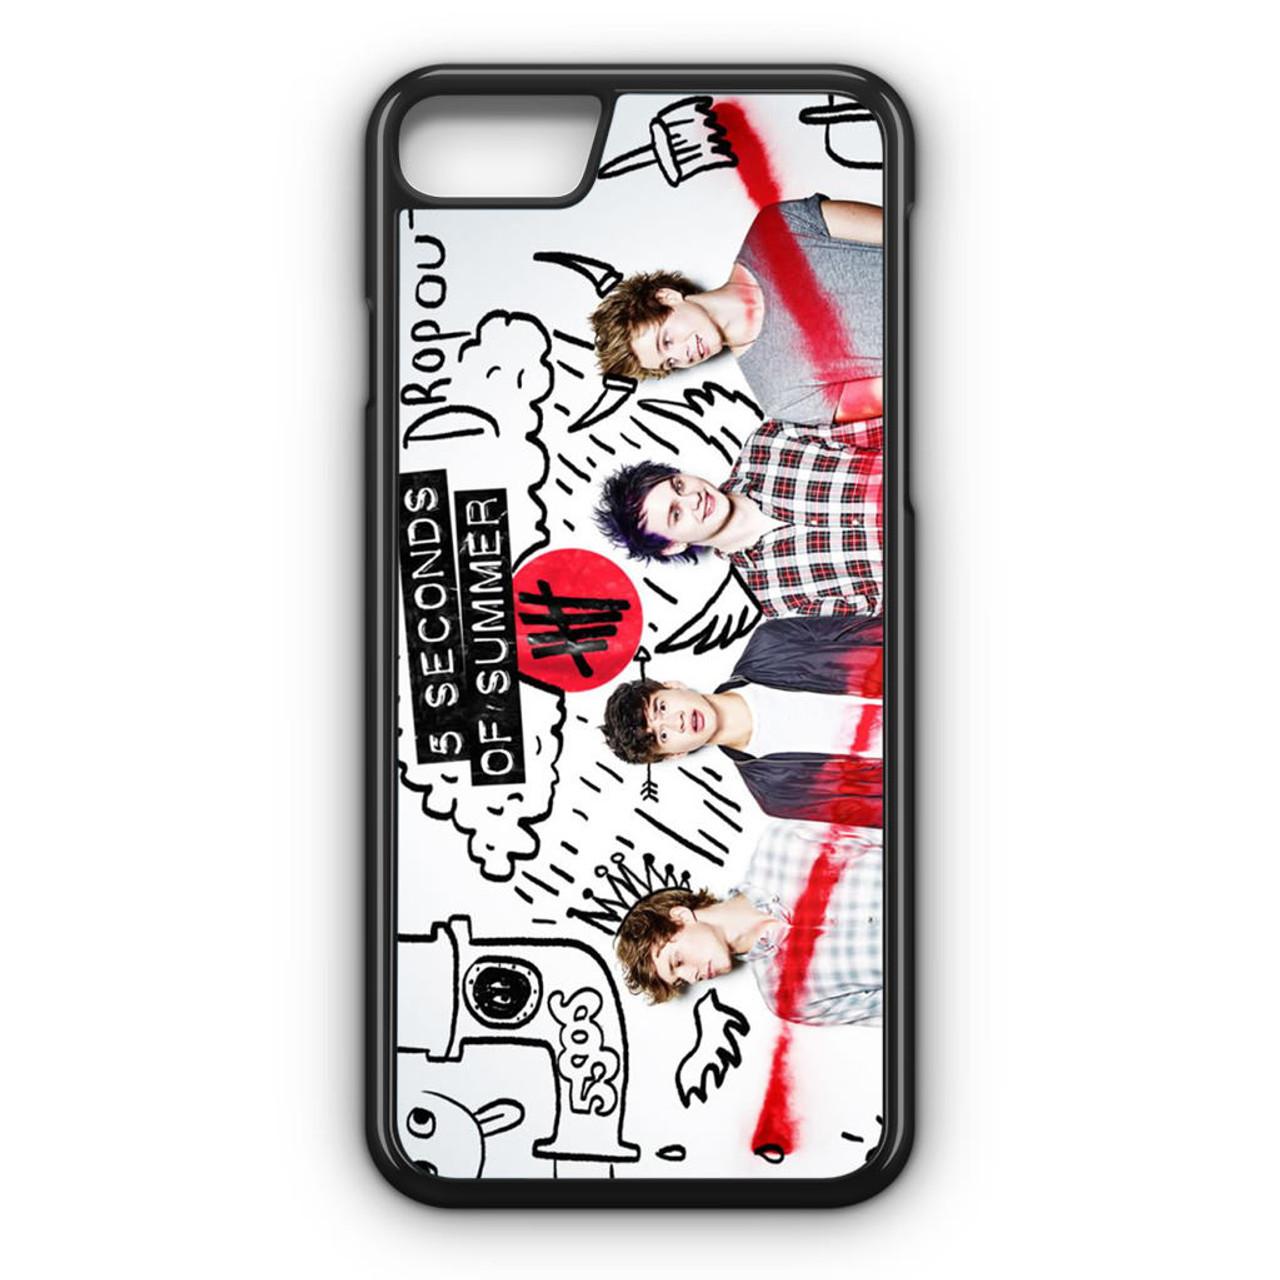 5sos phone case iphone 8